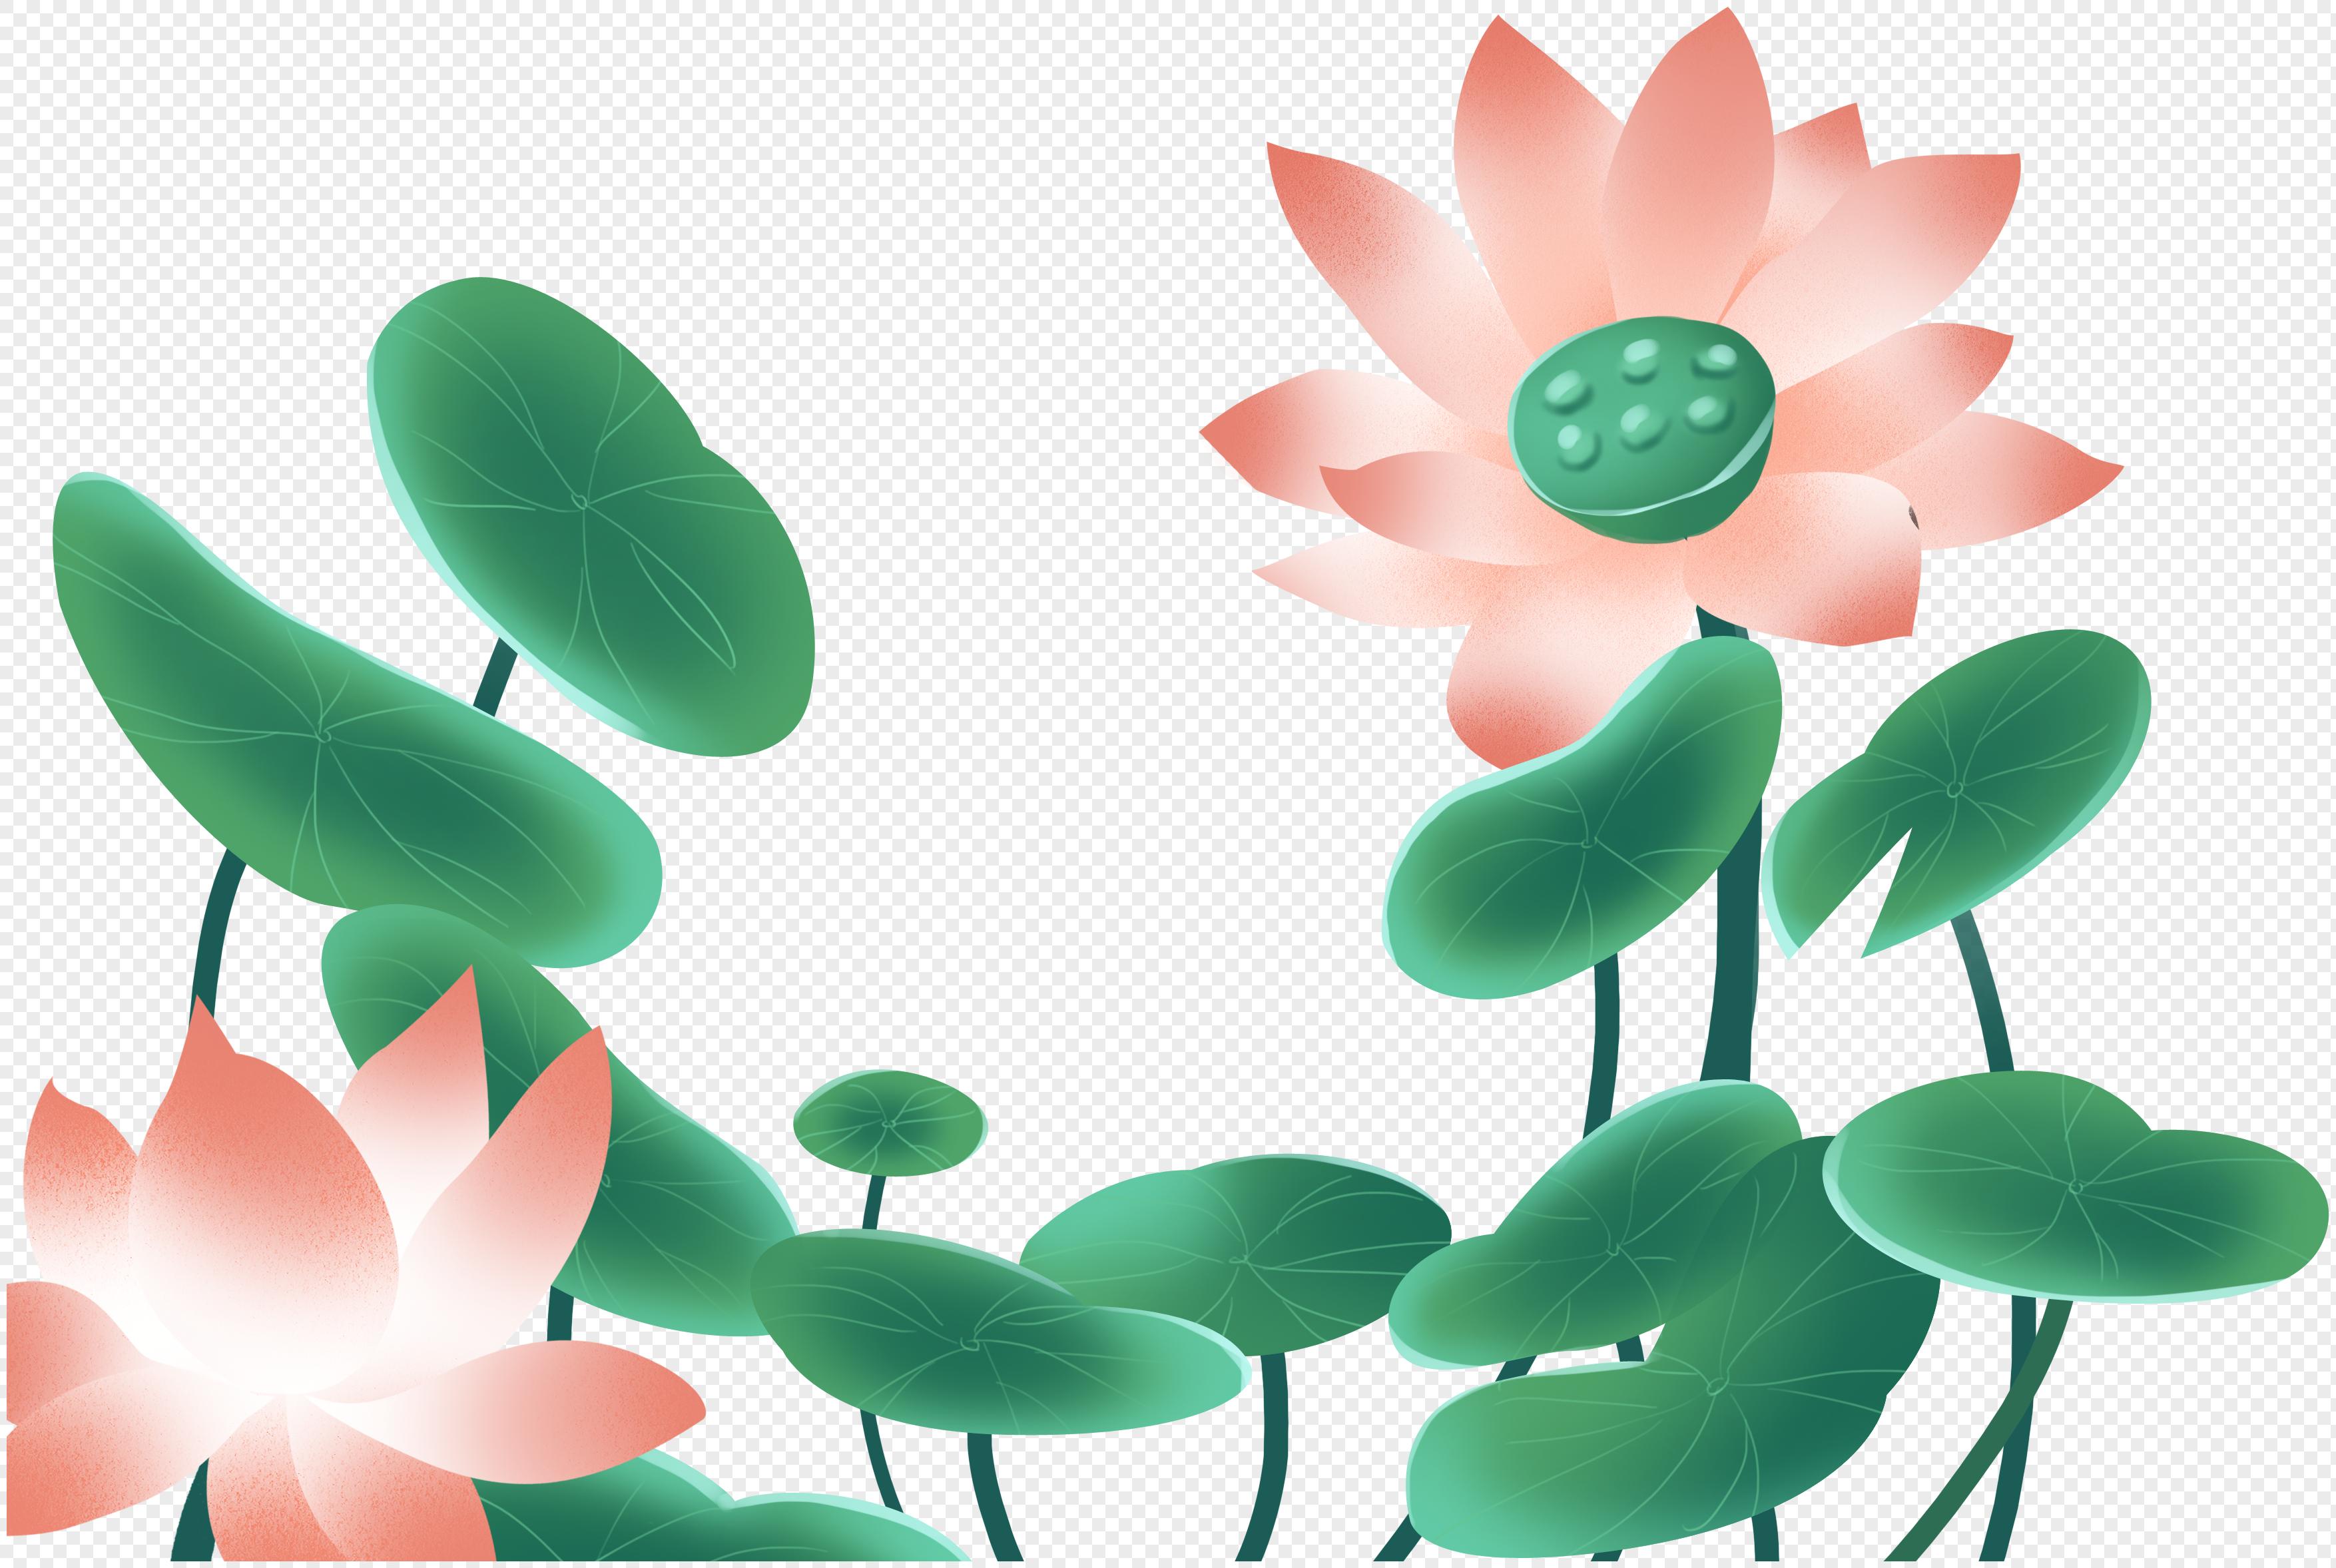 Lotus flower png imagepicture free download 400253917lovepik lotus flower izmirmasajfo